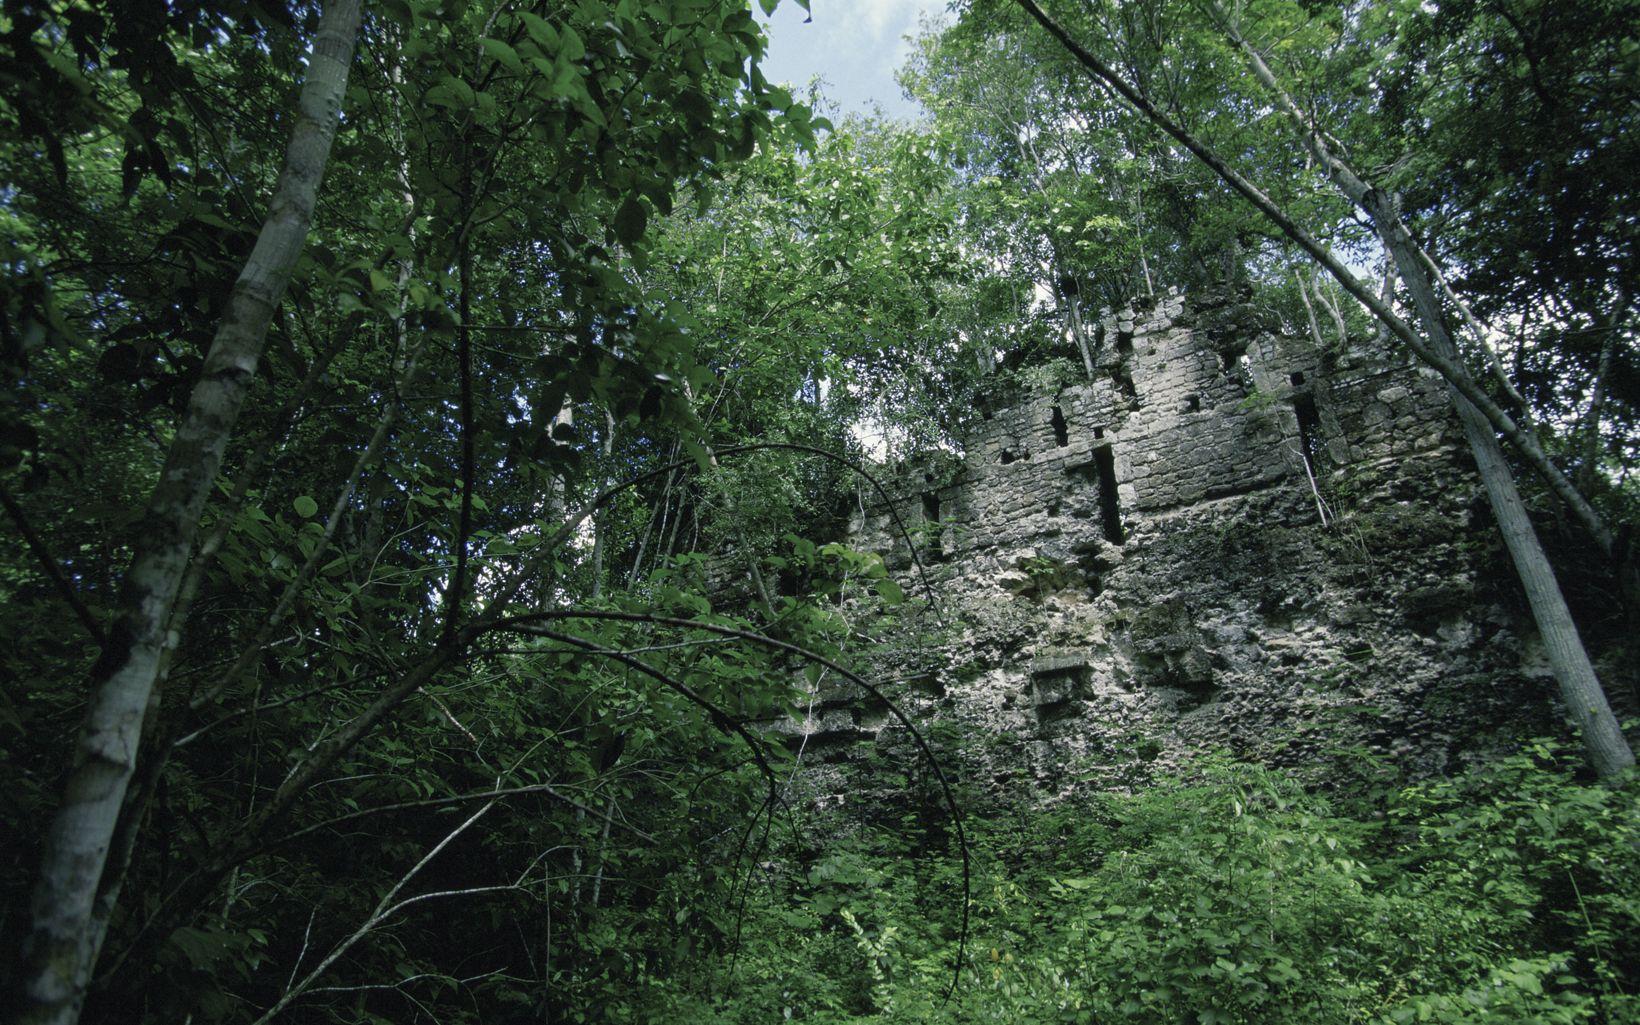 Ruinas de un templo maya, Pared de los Reyes, rodeadas de un denso bosque tropical de tierras bajas en la Reserva de la Biosfera de Calakmul, México.